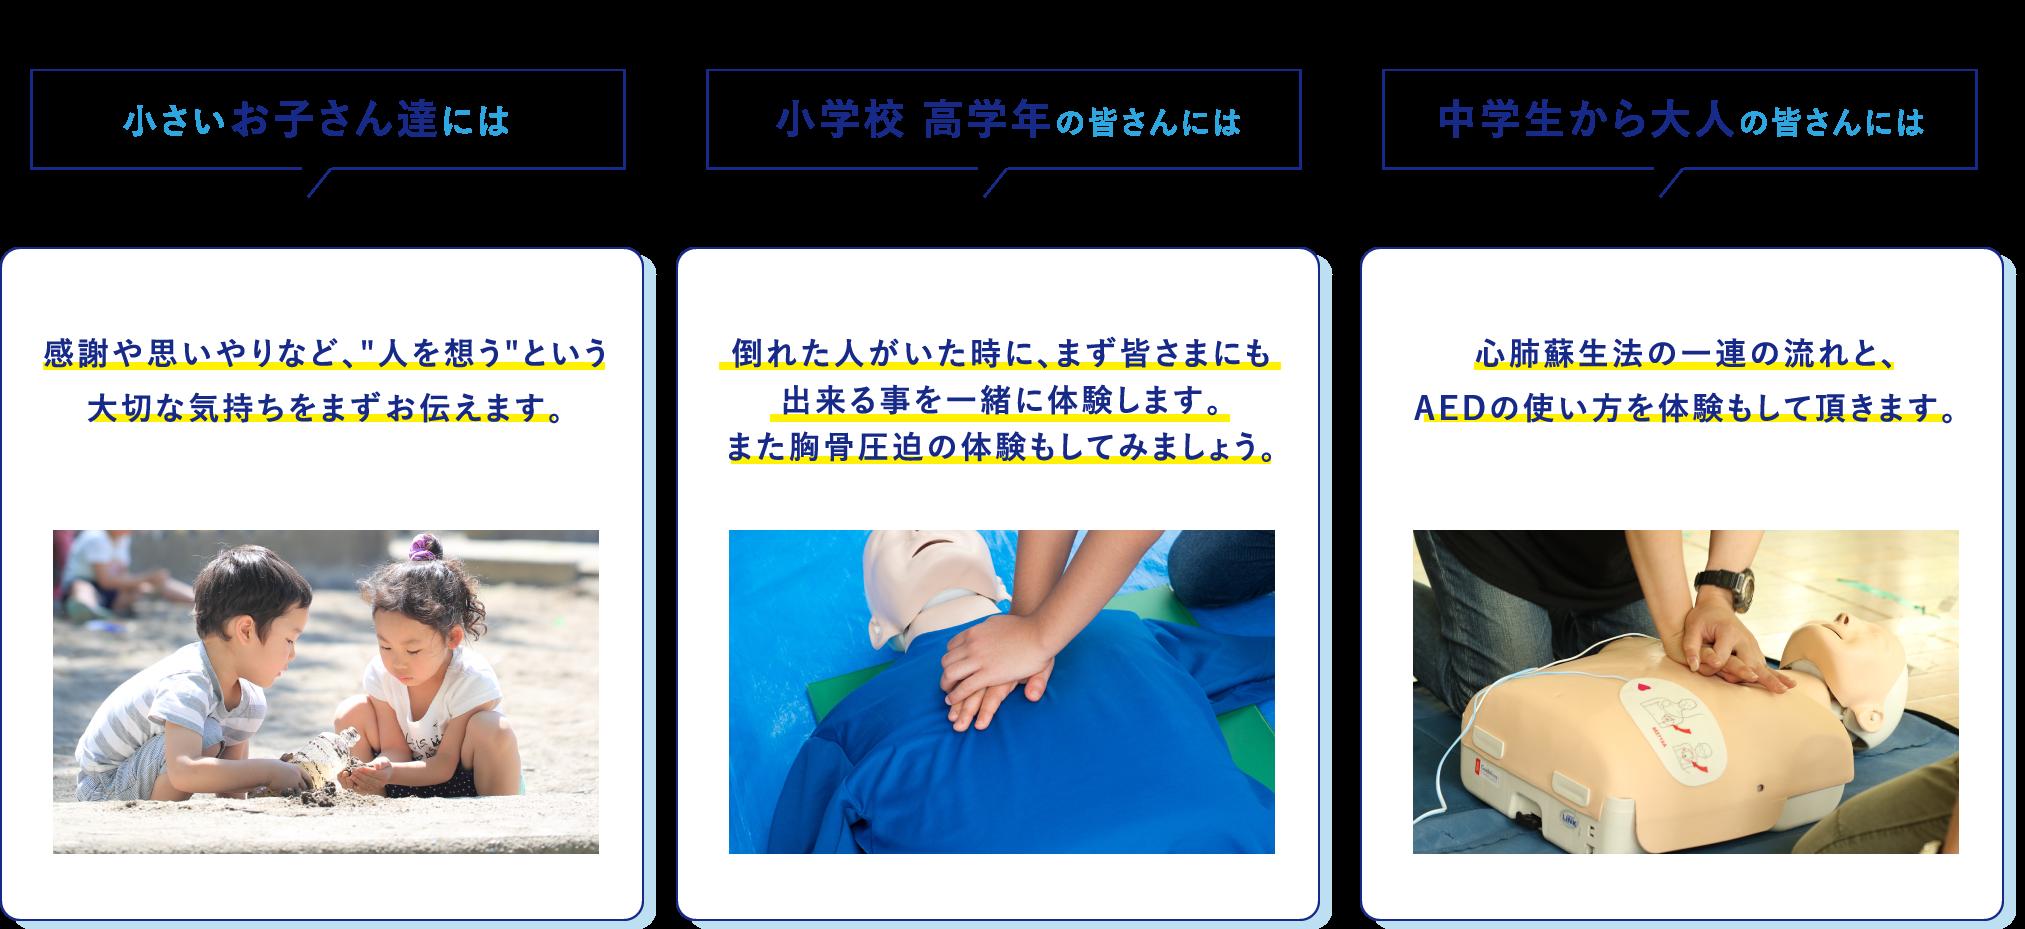 AED講習内容